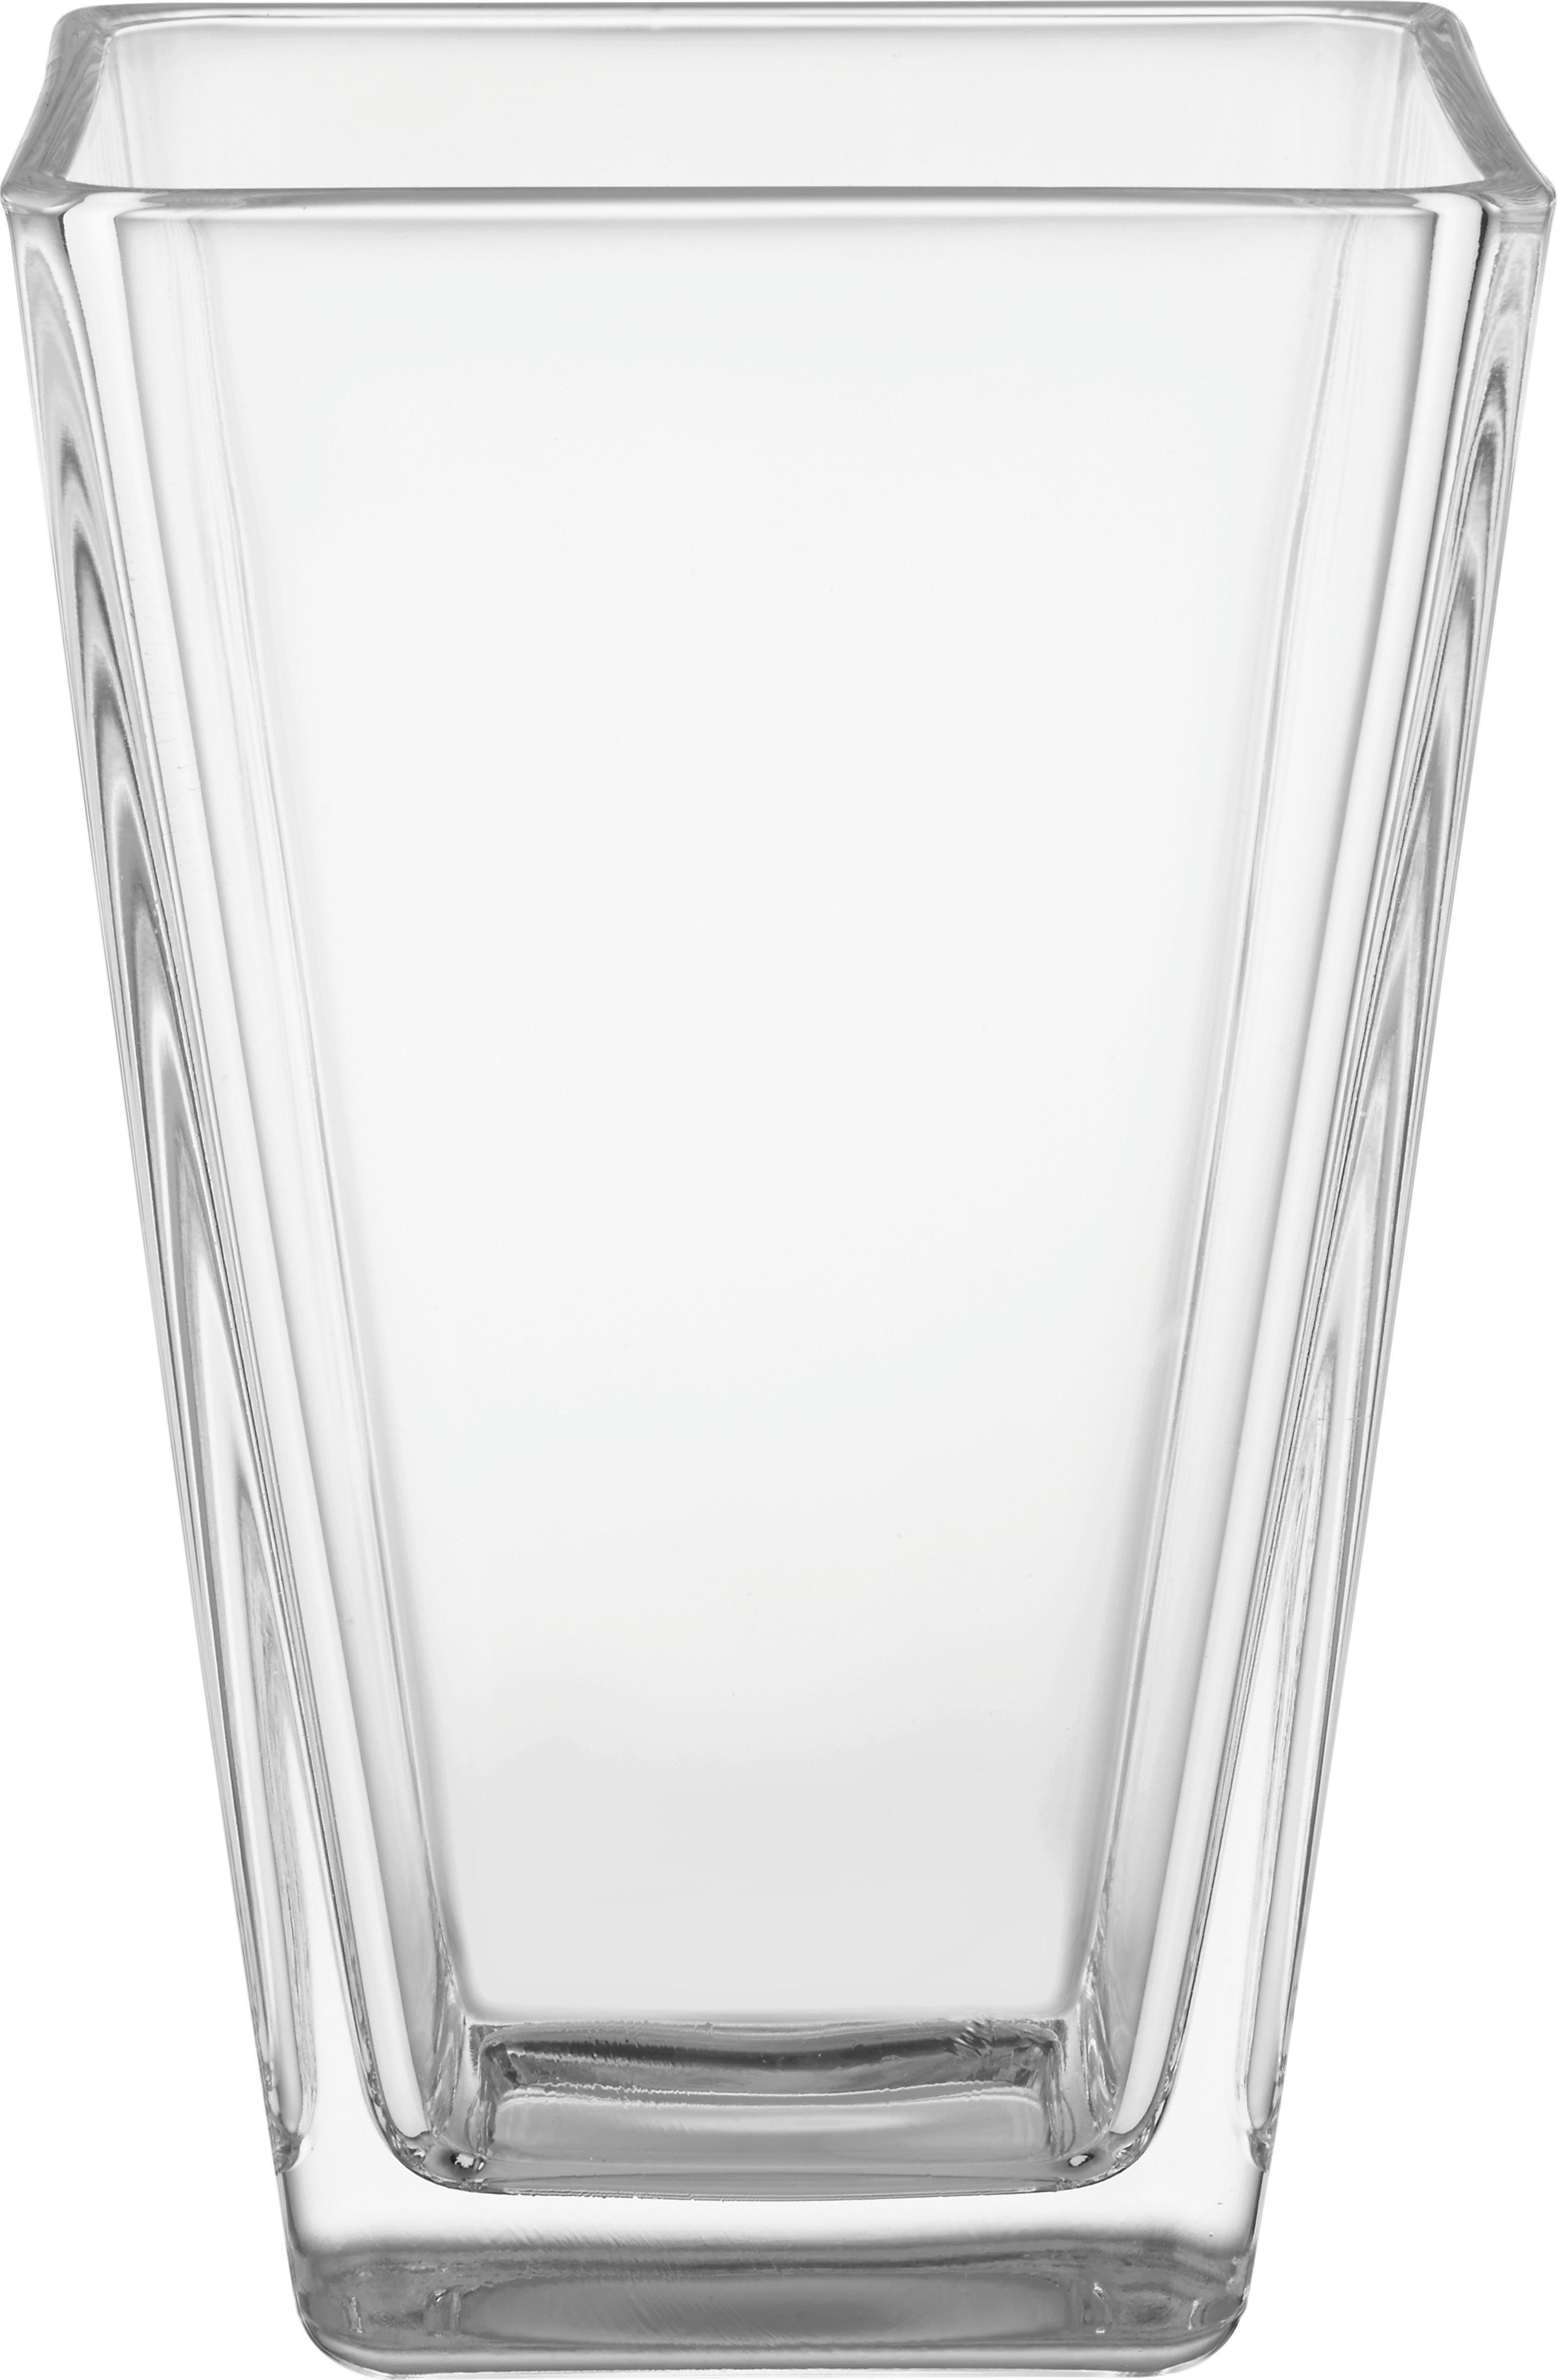 Vase Mona aus Glas - Klar, Design, Glas (11/17/11cm) - BASED